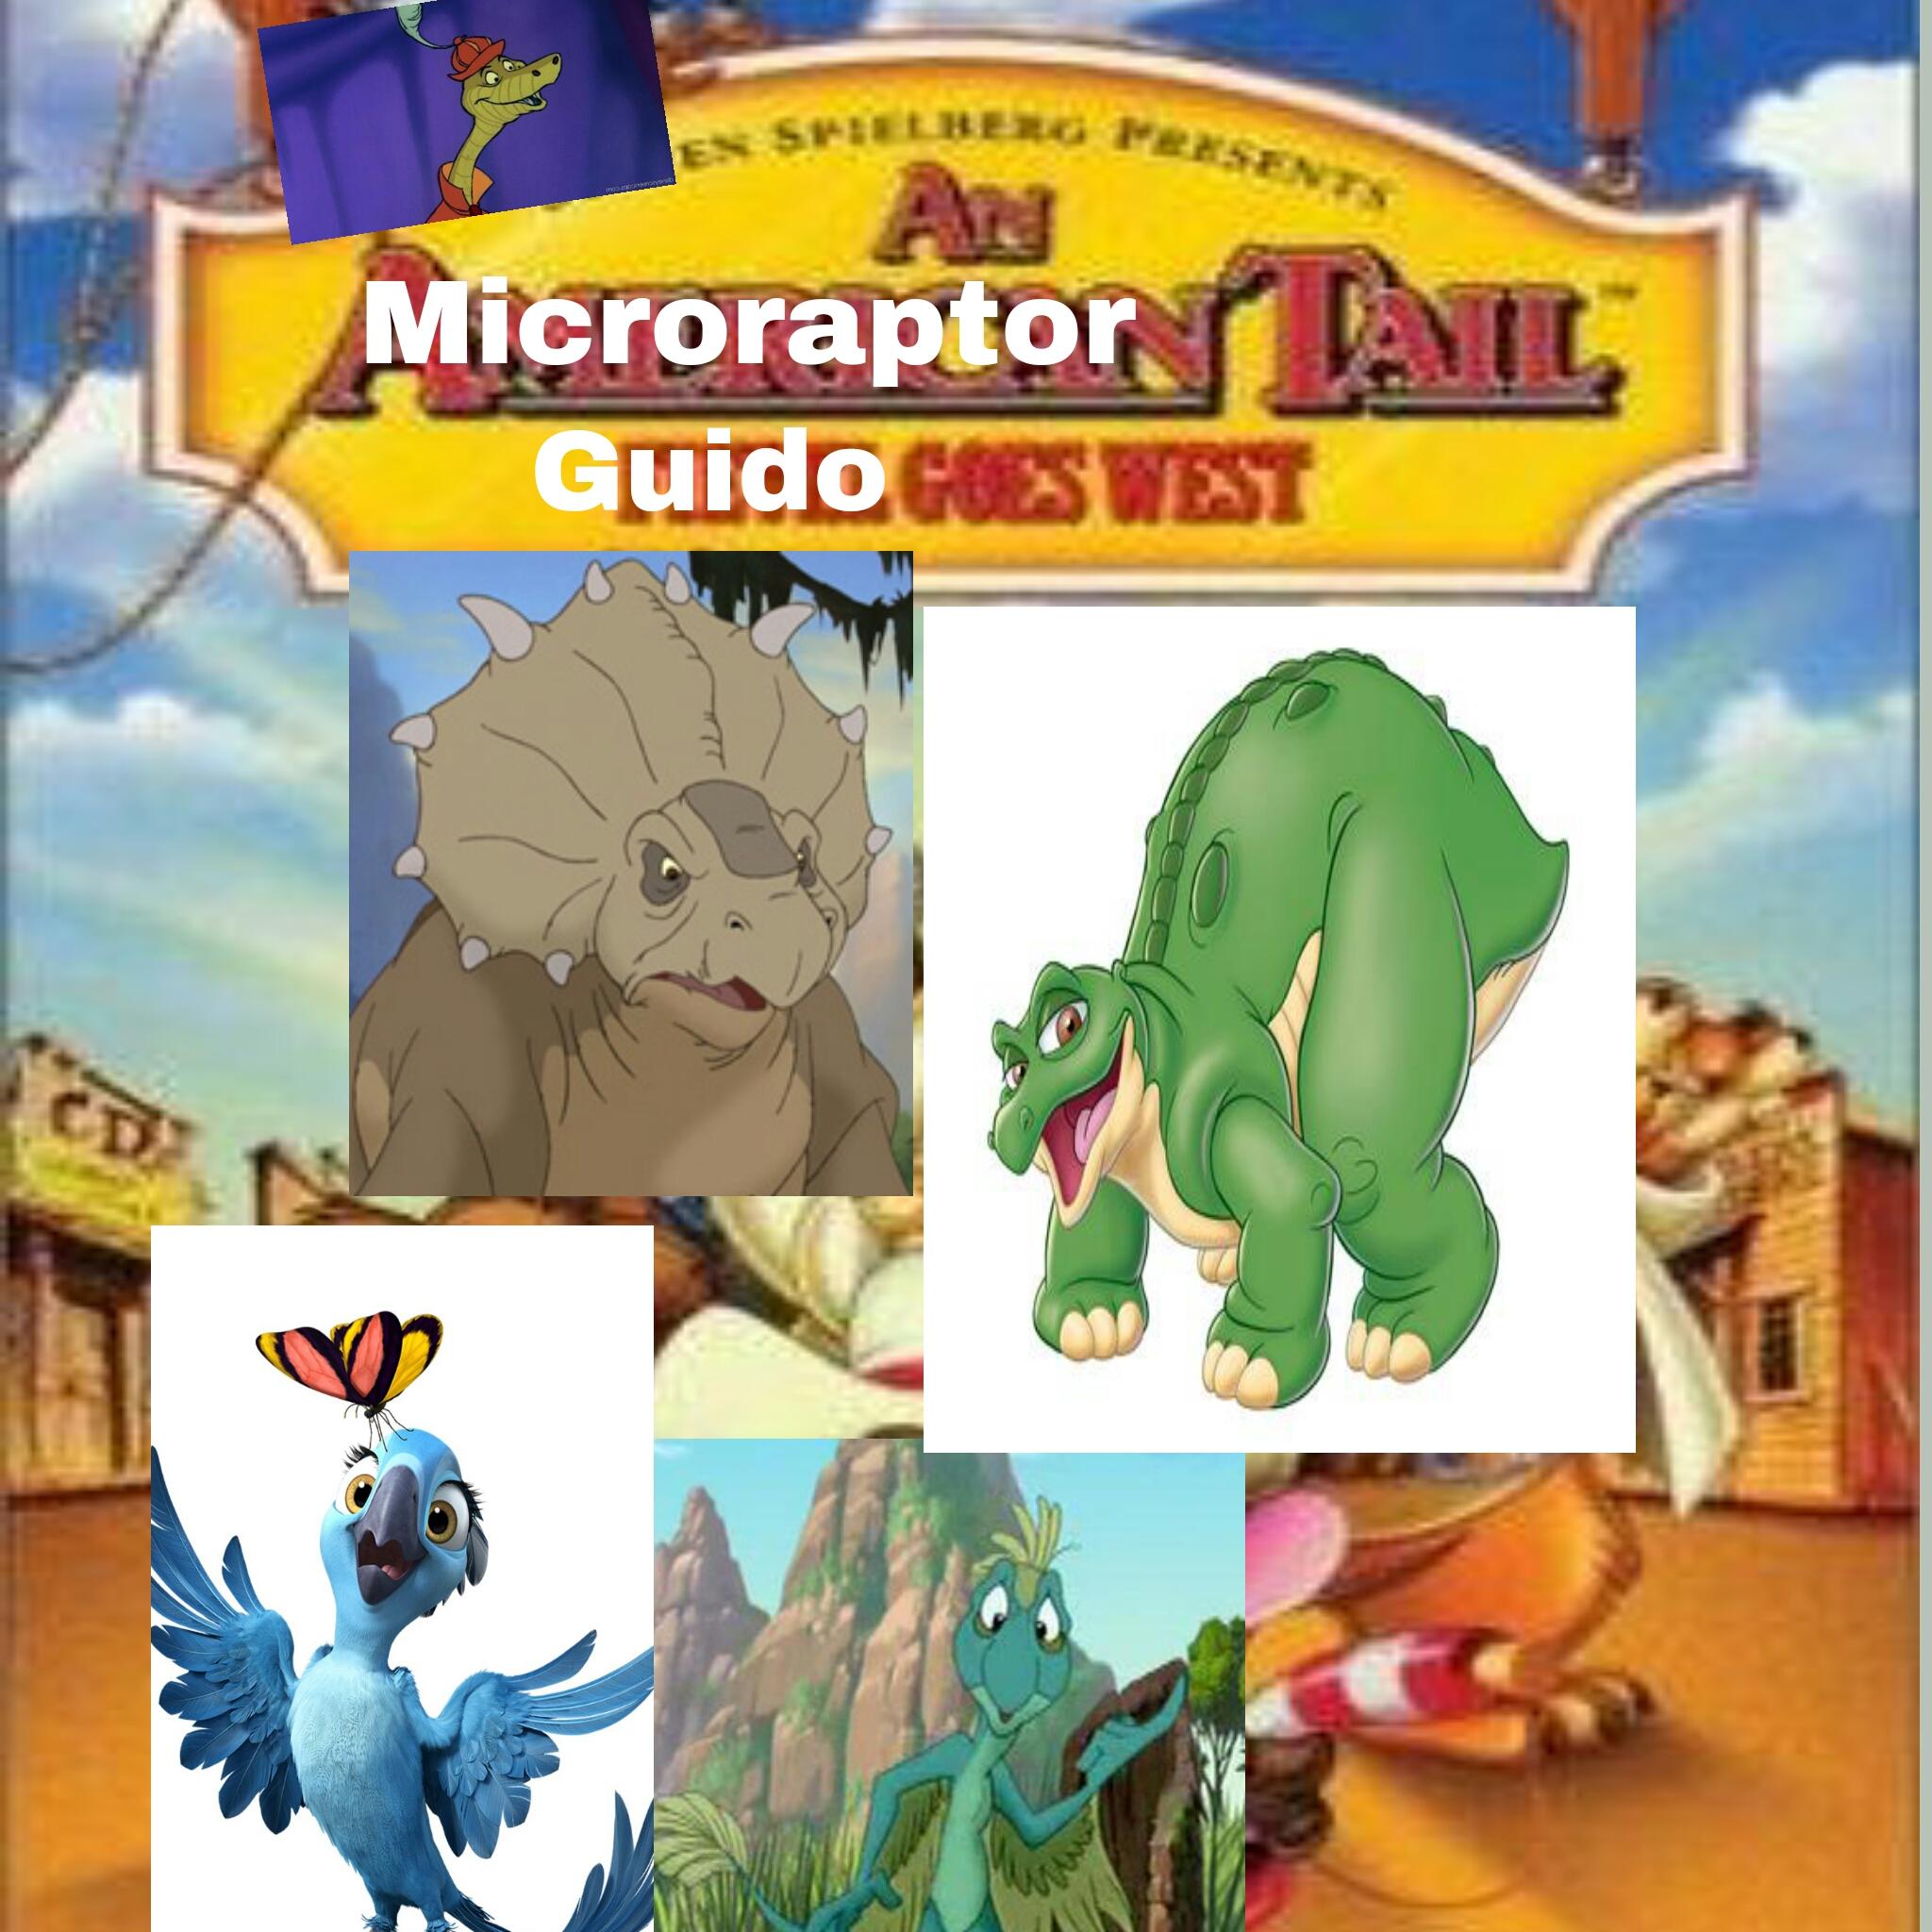 An Microraptor Tale 2: Guido Goes West